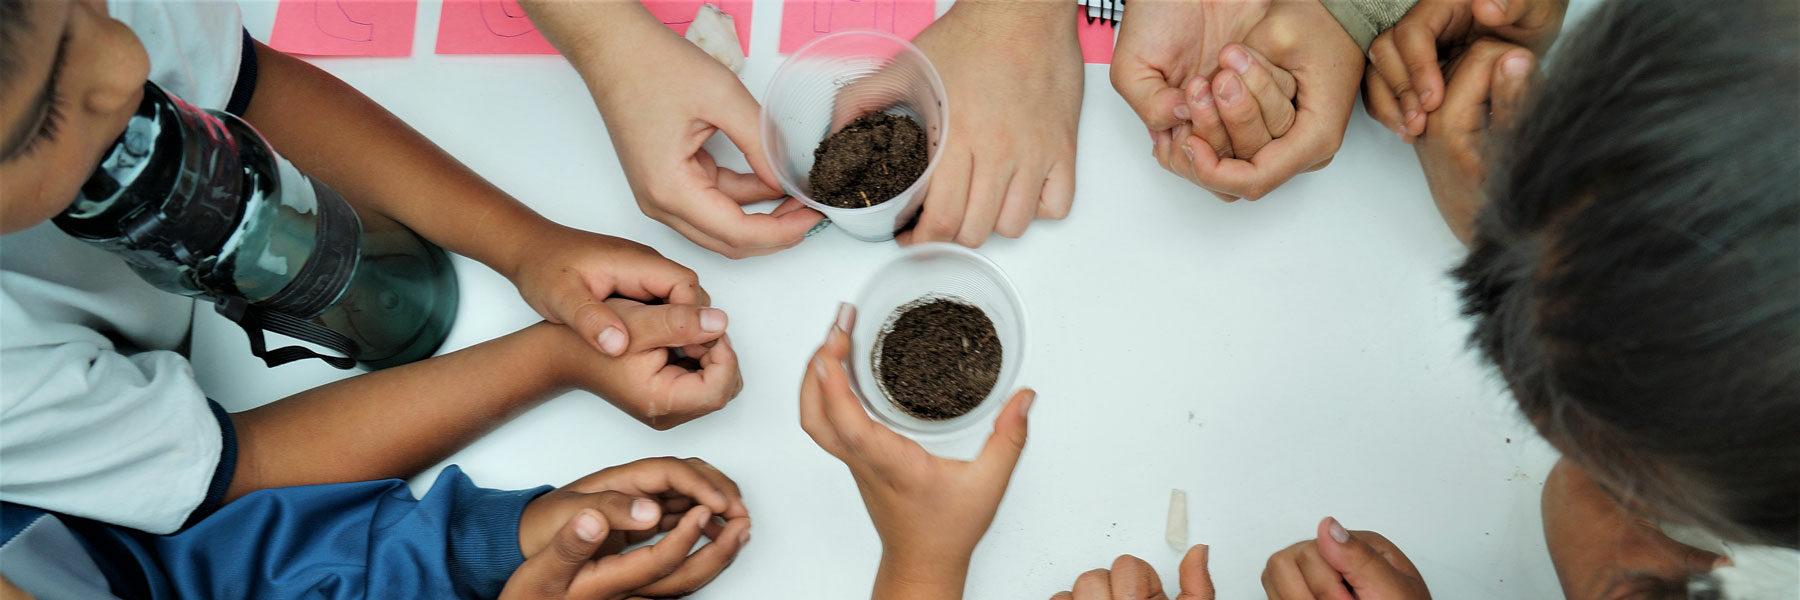 Niños alrededor de un vaso de café